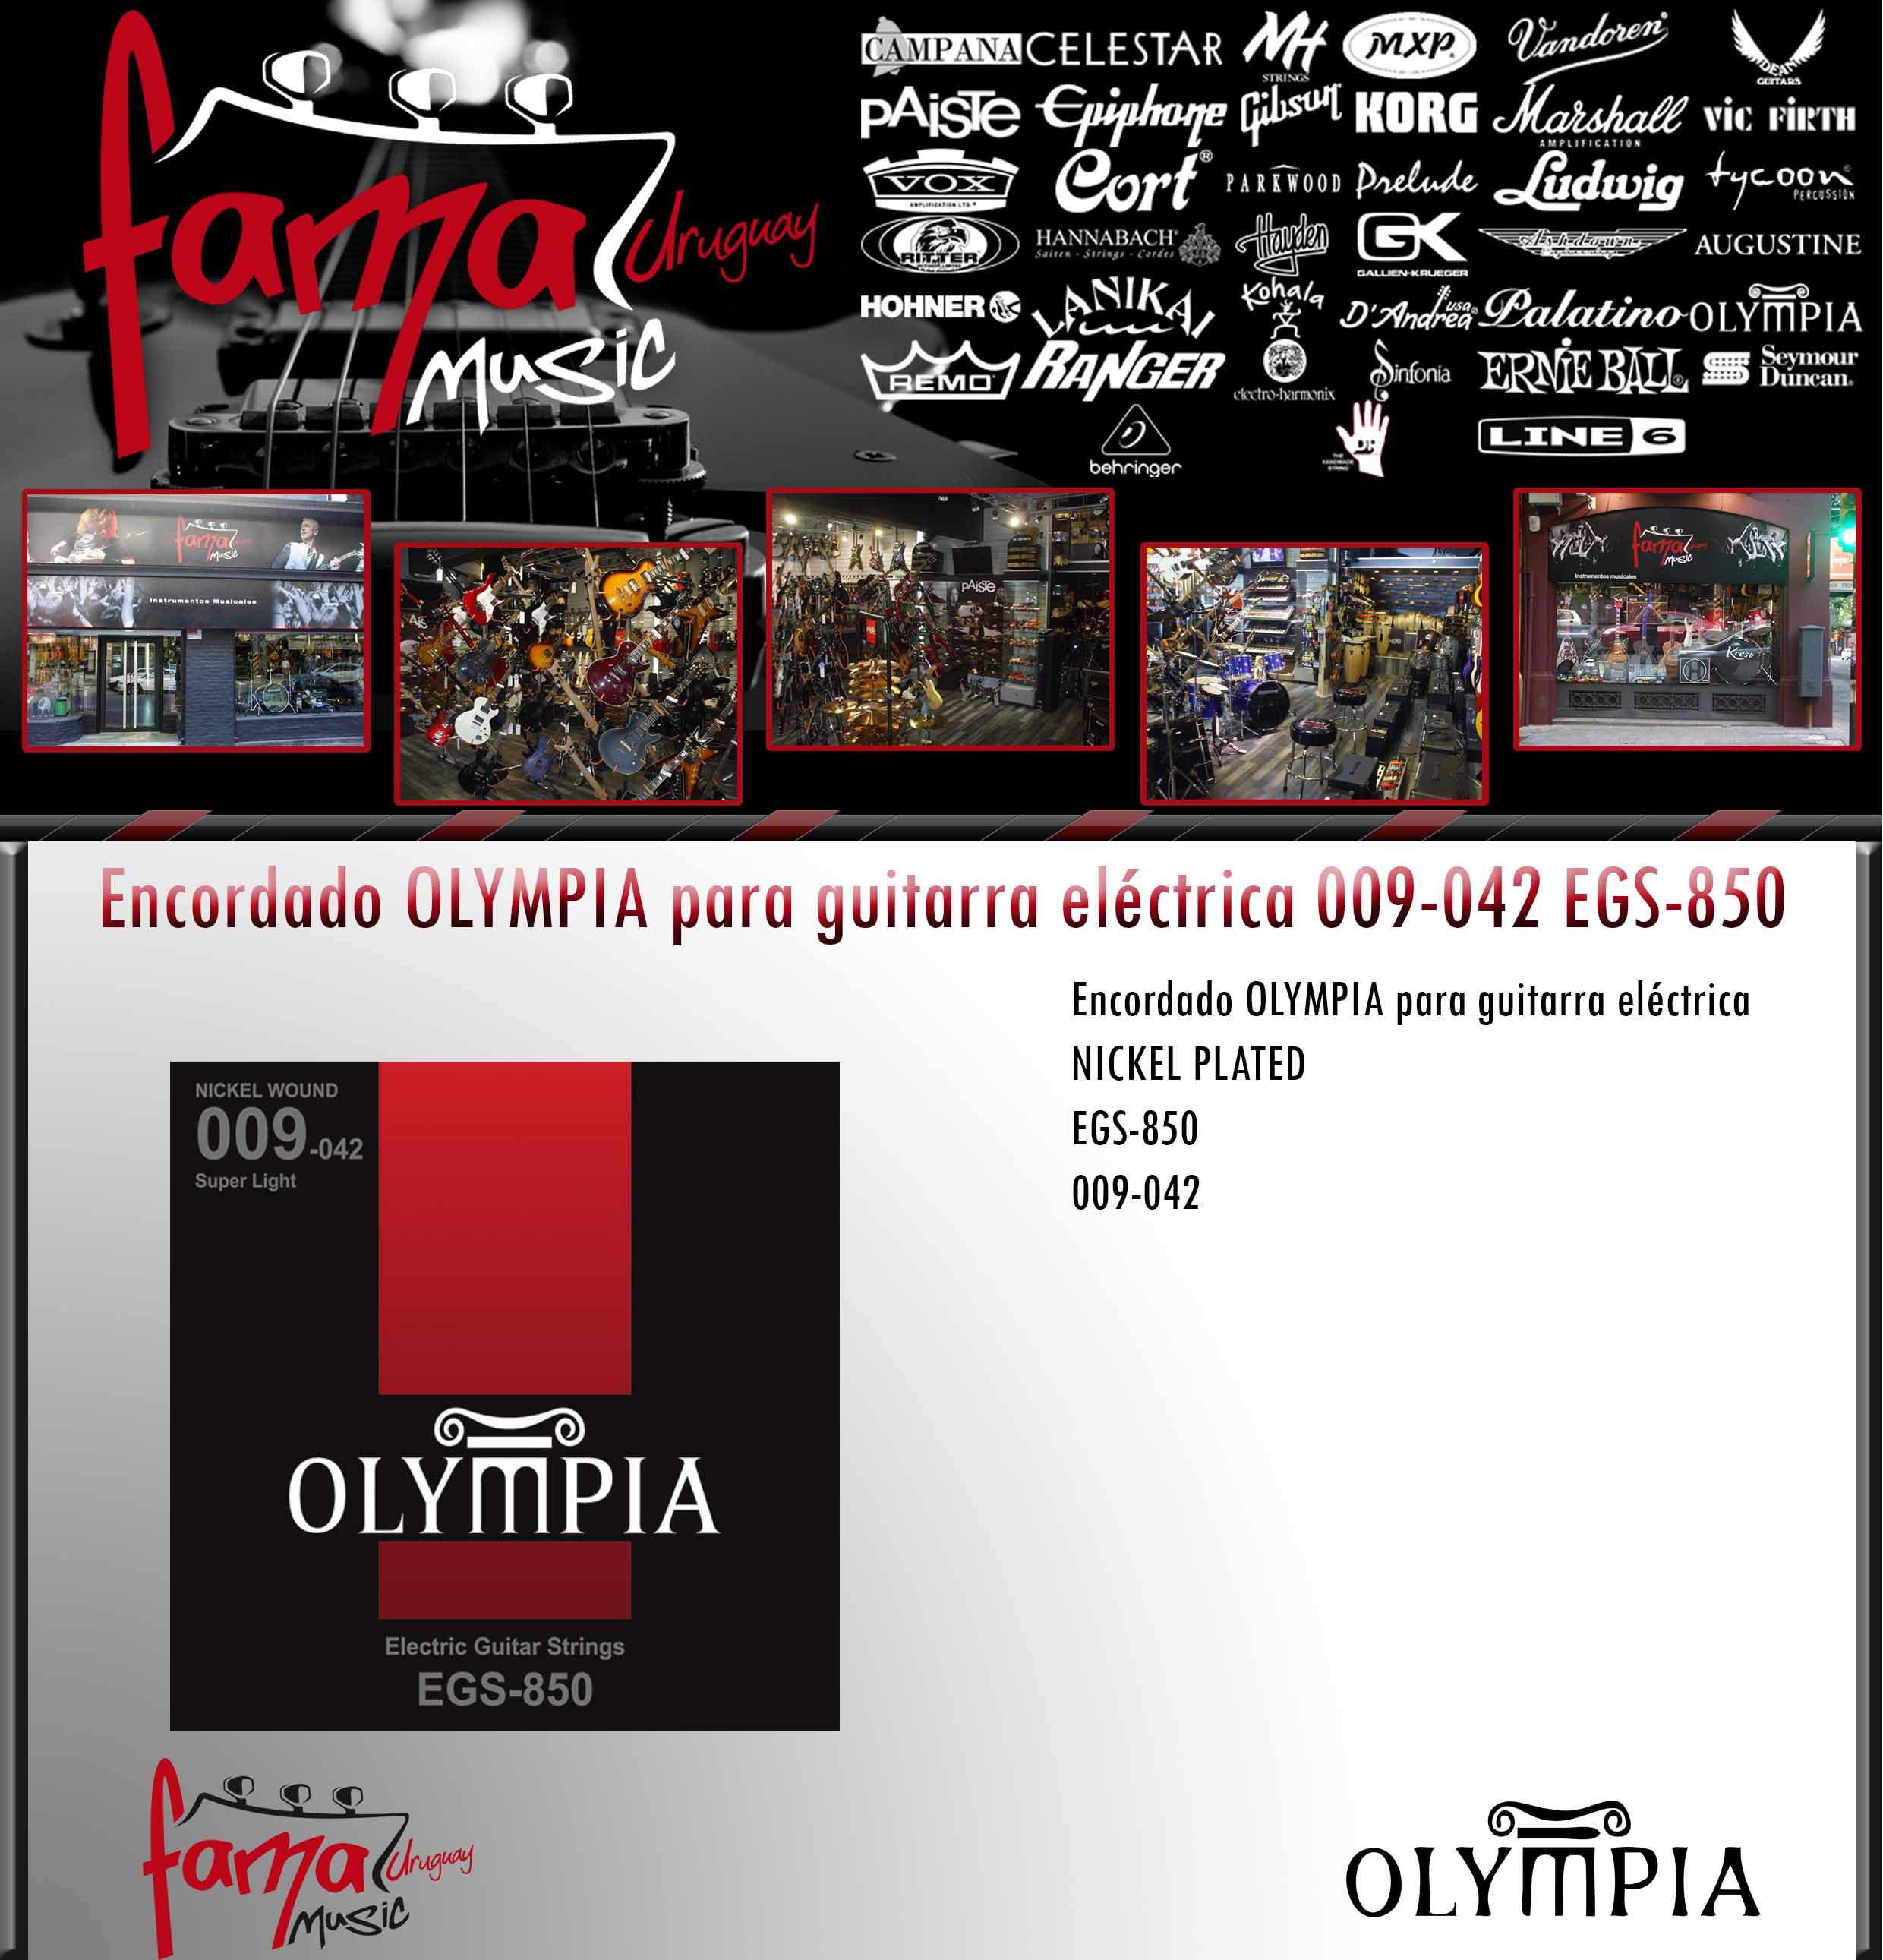 Encordado OLYMPIA para guitarra eléctrica 009-042 EGS-850